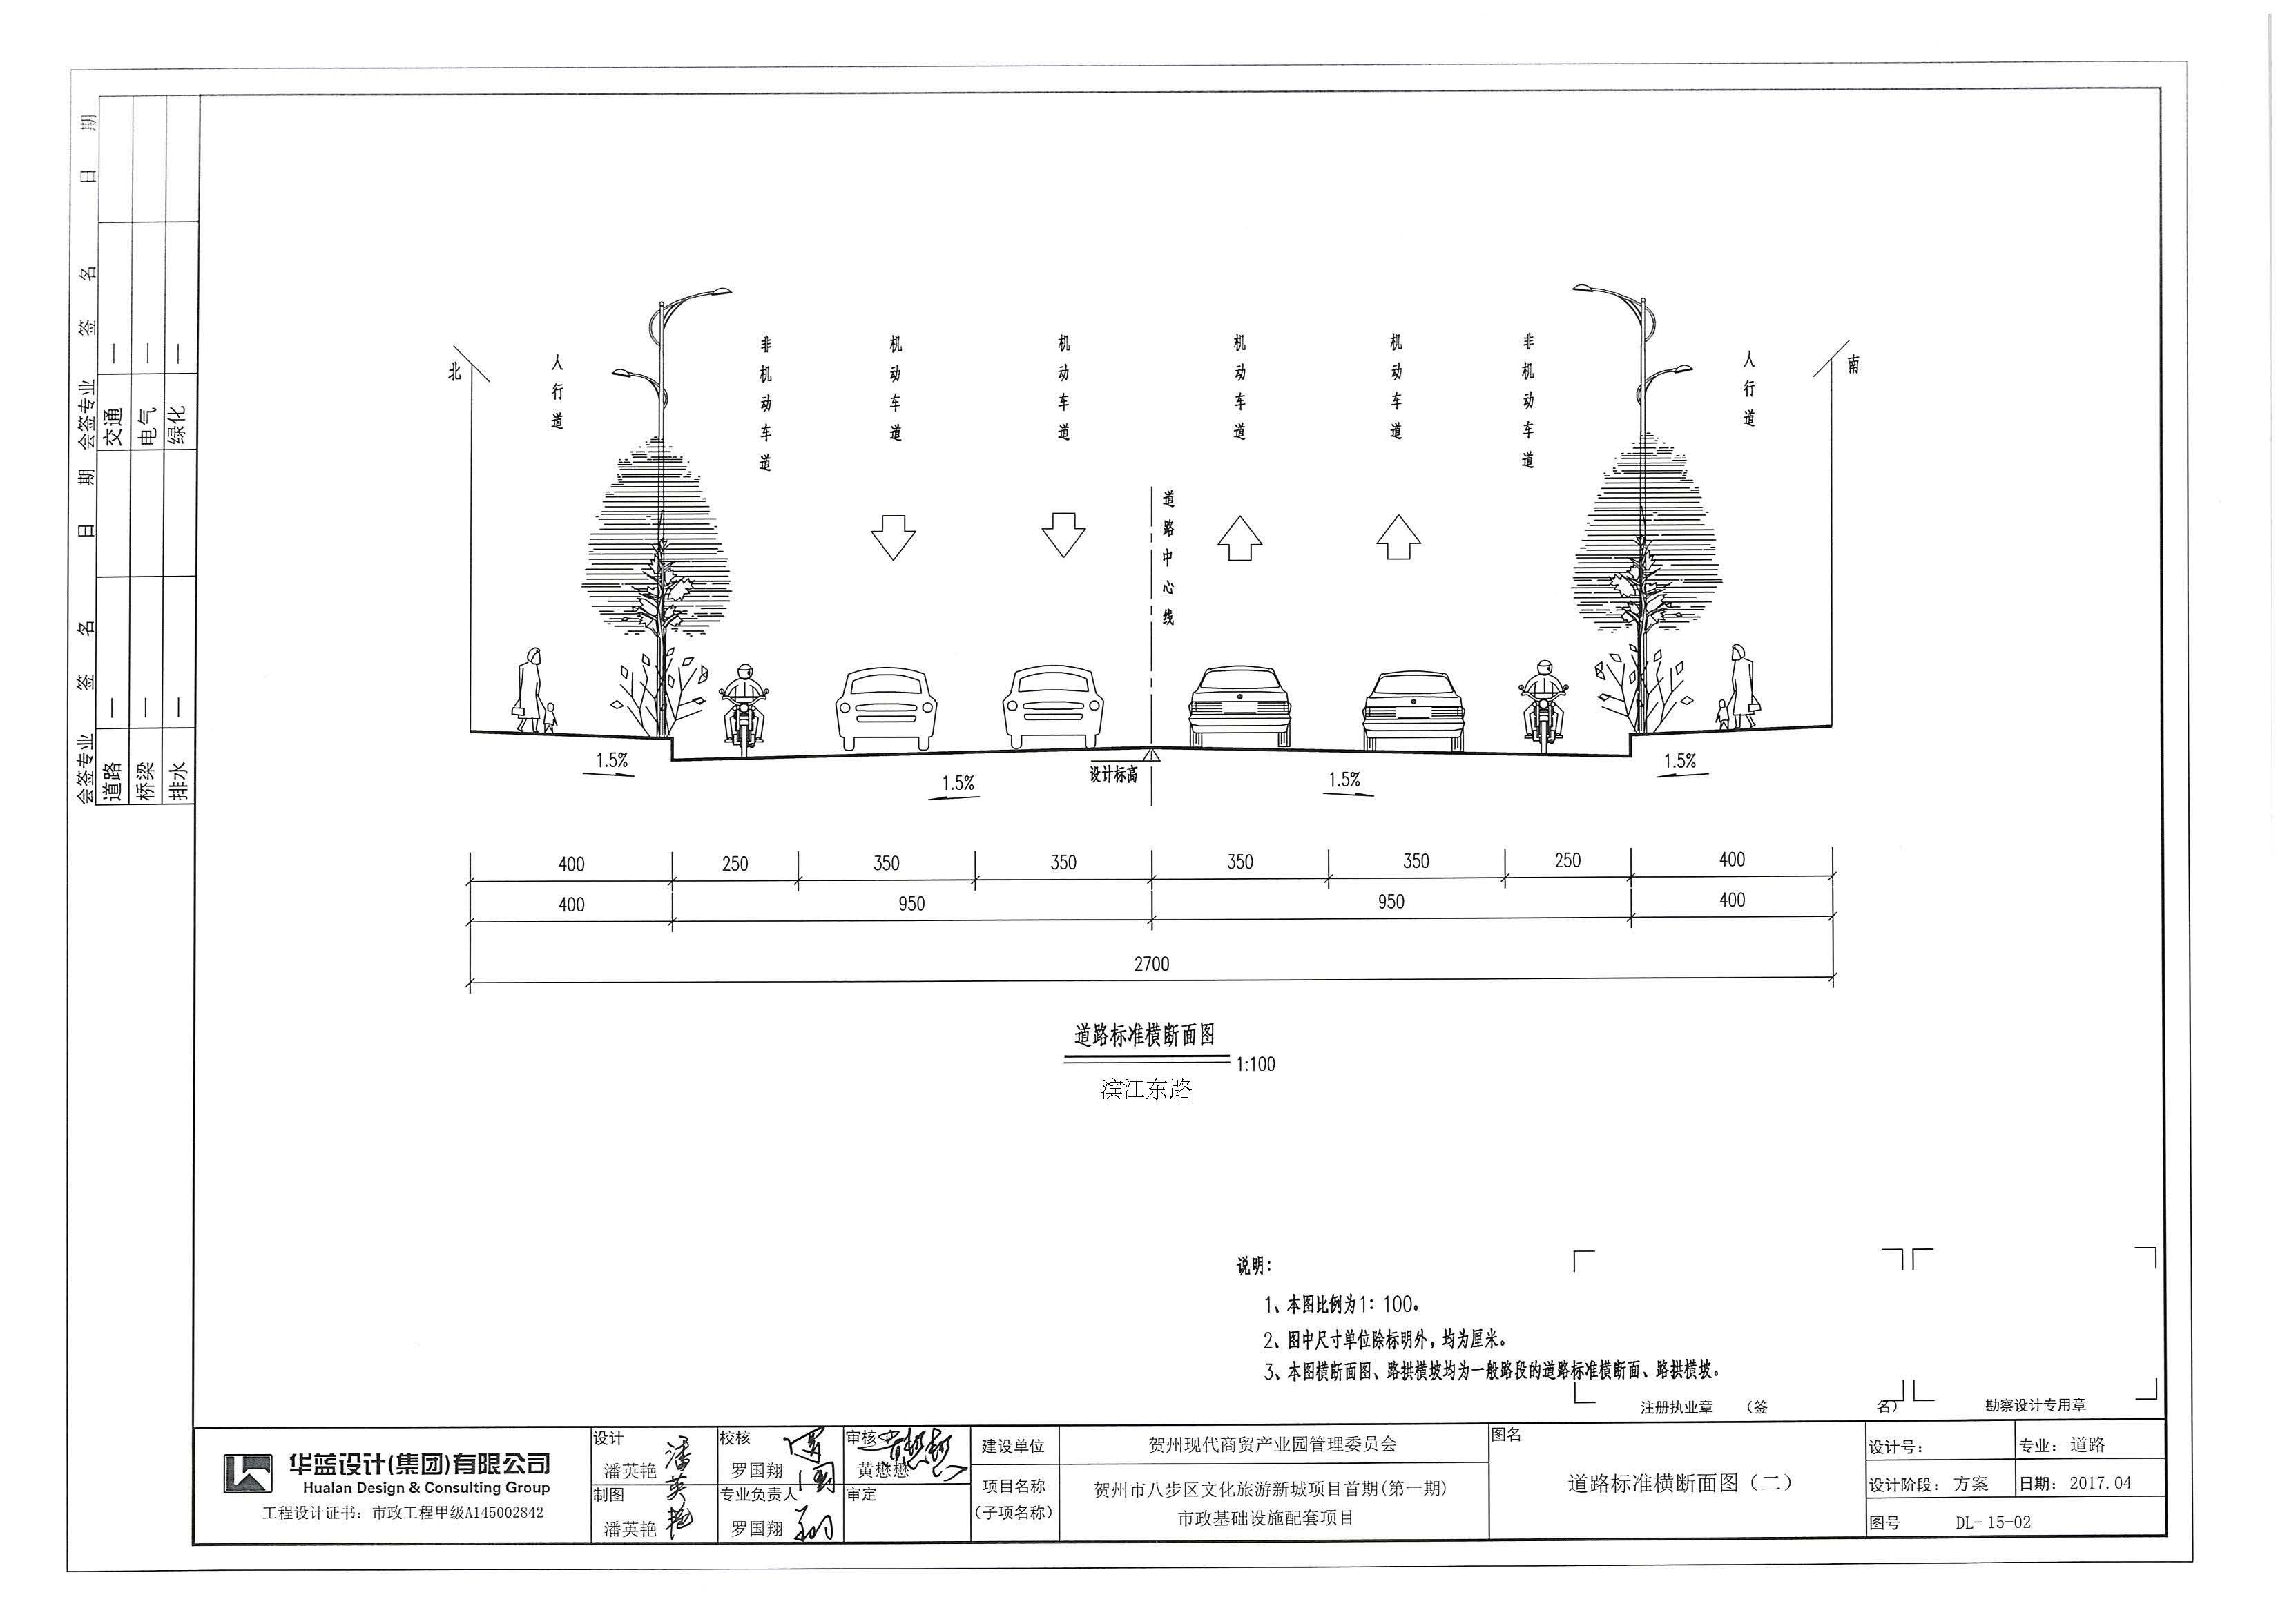 美丽干线二级公路设计断面图图片